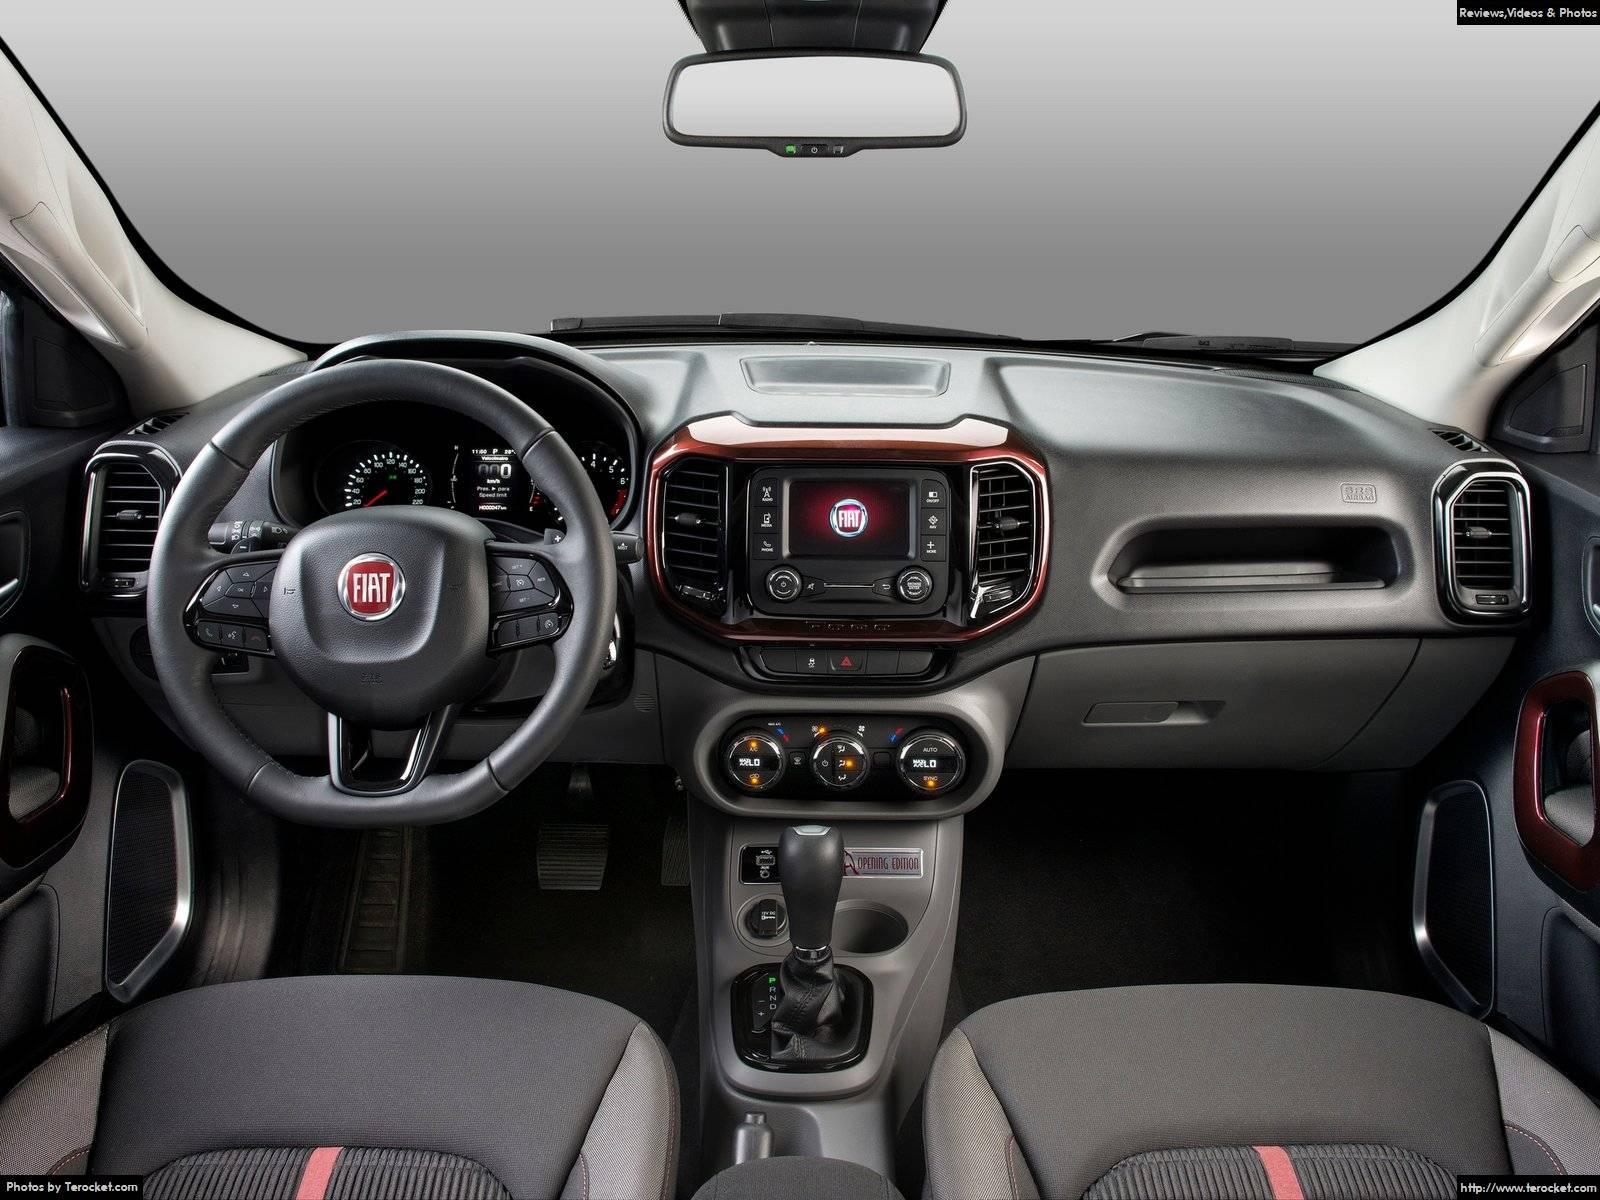 Hình ảnh xe ô tô Fiat Toro 2016 & nội ngoại thất